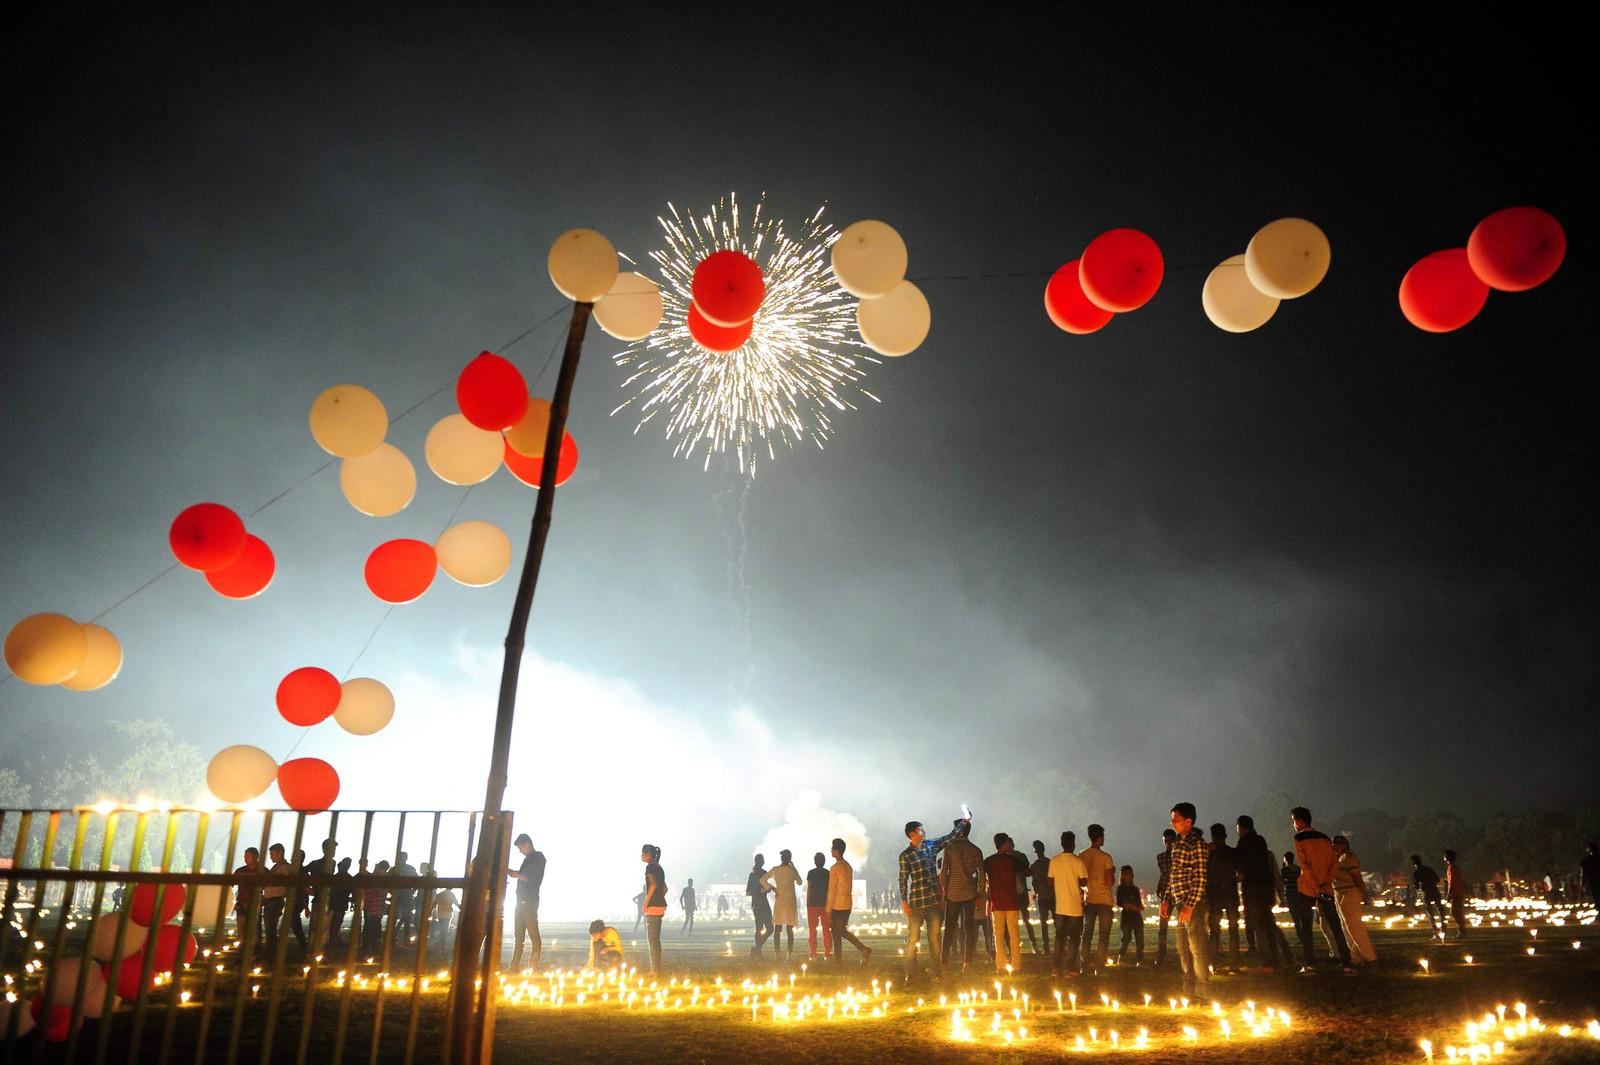 Feiring av lysfestivalen Divali i Allahabad i India.